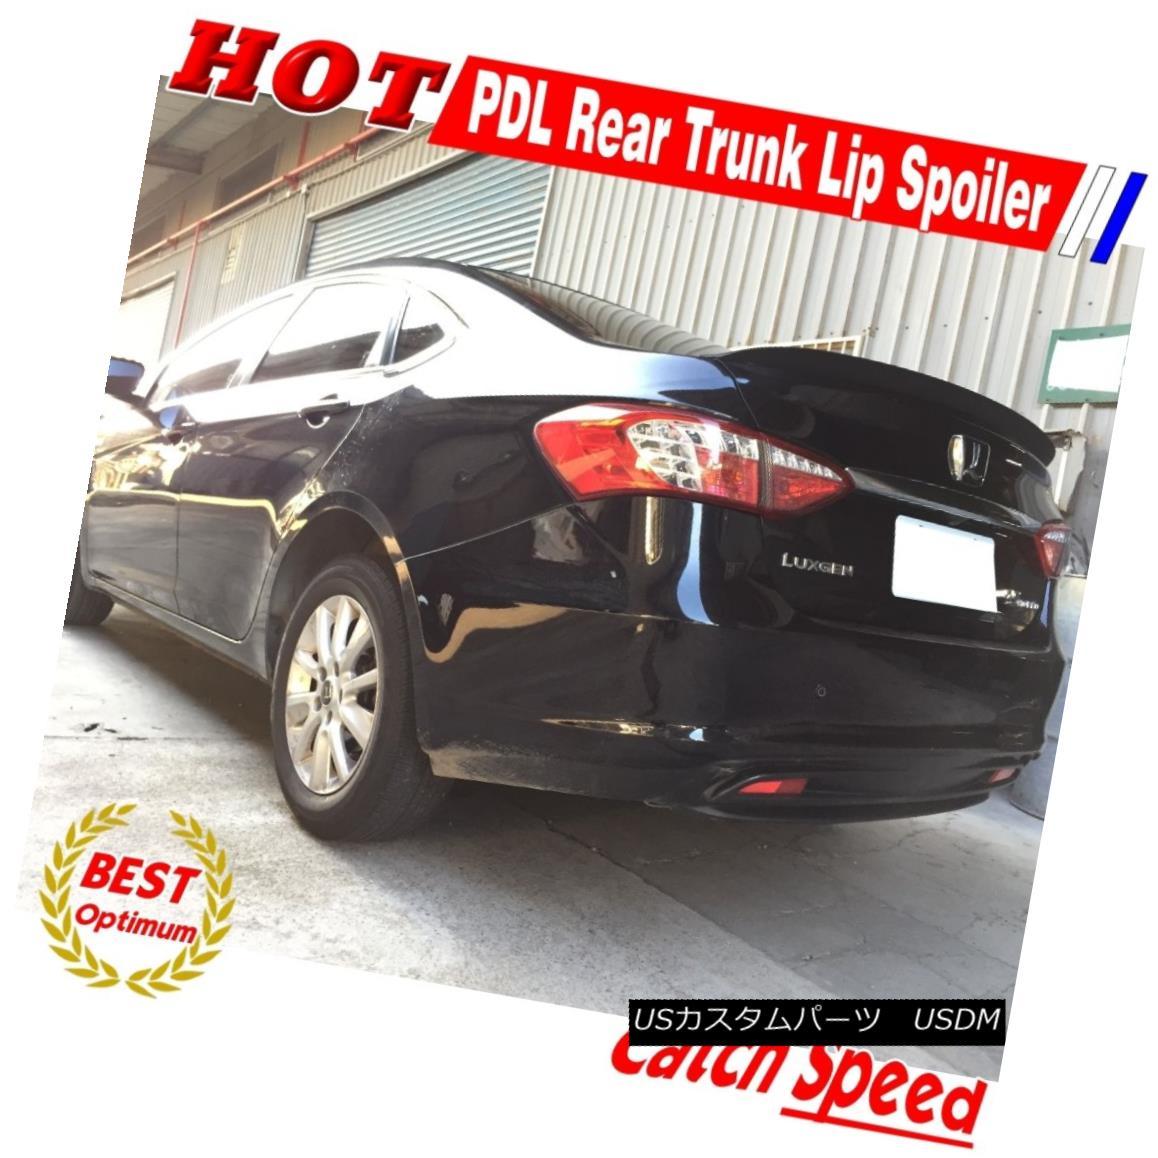 エアロパーツ Painted P Style Rear Trunk Spoiler Wing For Honda Accord K11 Sedan 2003-2007 Honda Accord K11 Sedan 2003-2007用ペイントされたPスタイルのリアトランク・スポイラー・ウイング